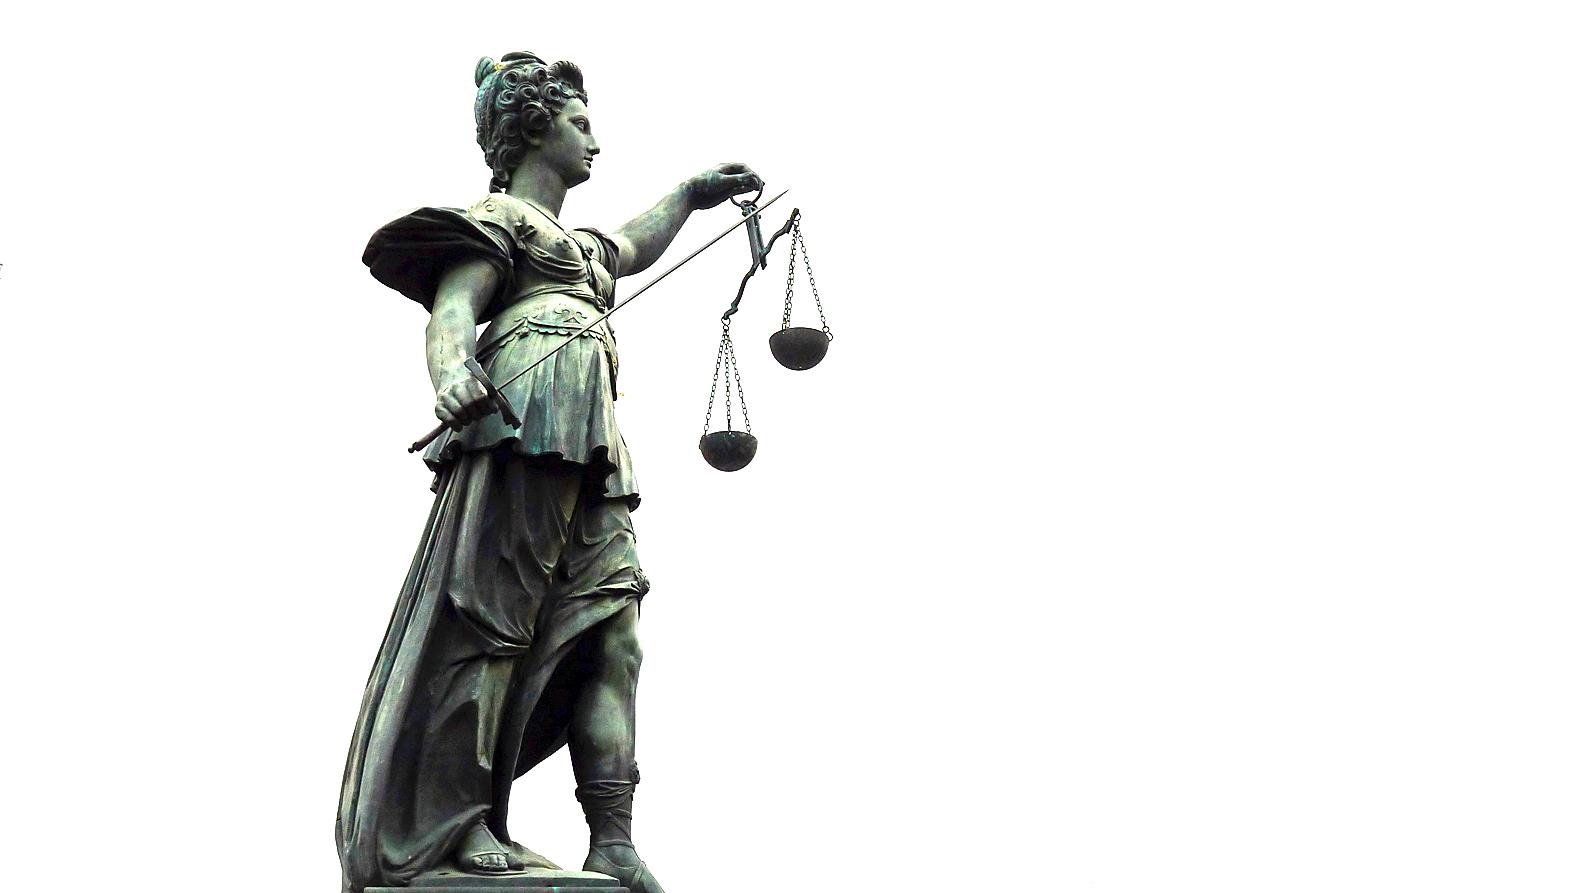 Urheberrecht: OLG Köln hebt Pixelio-Urteil auf